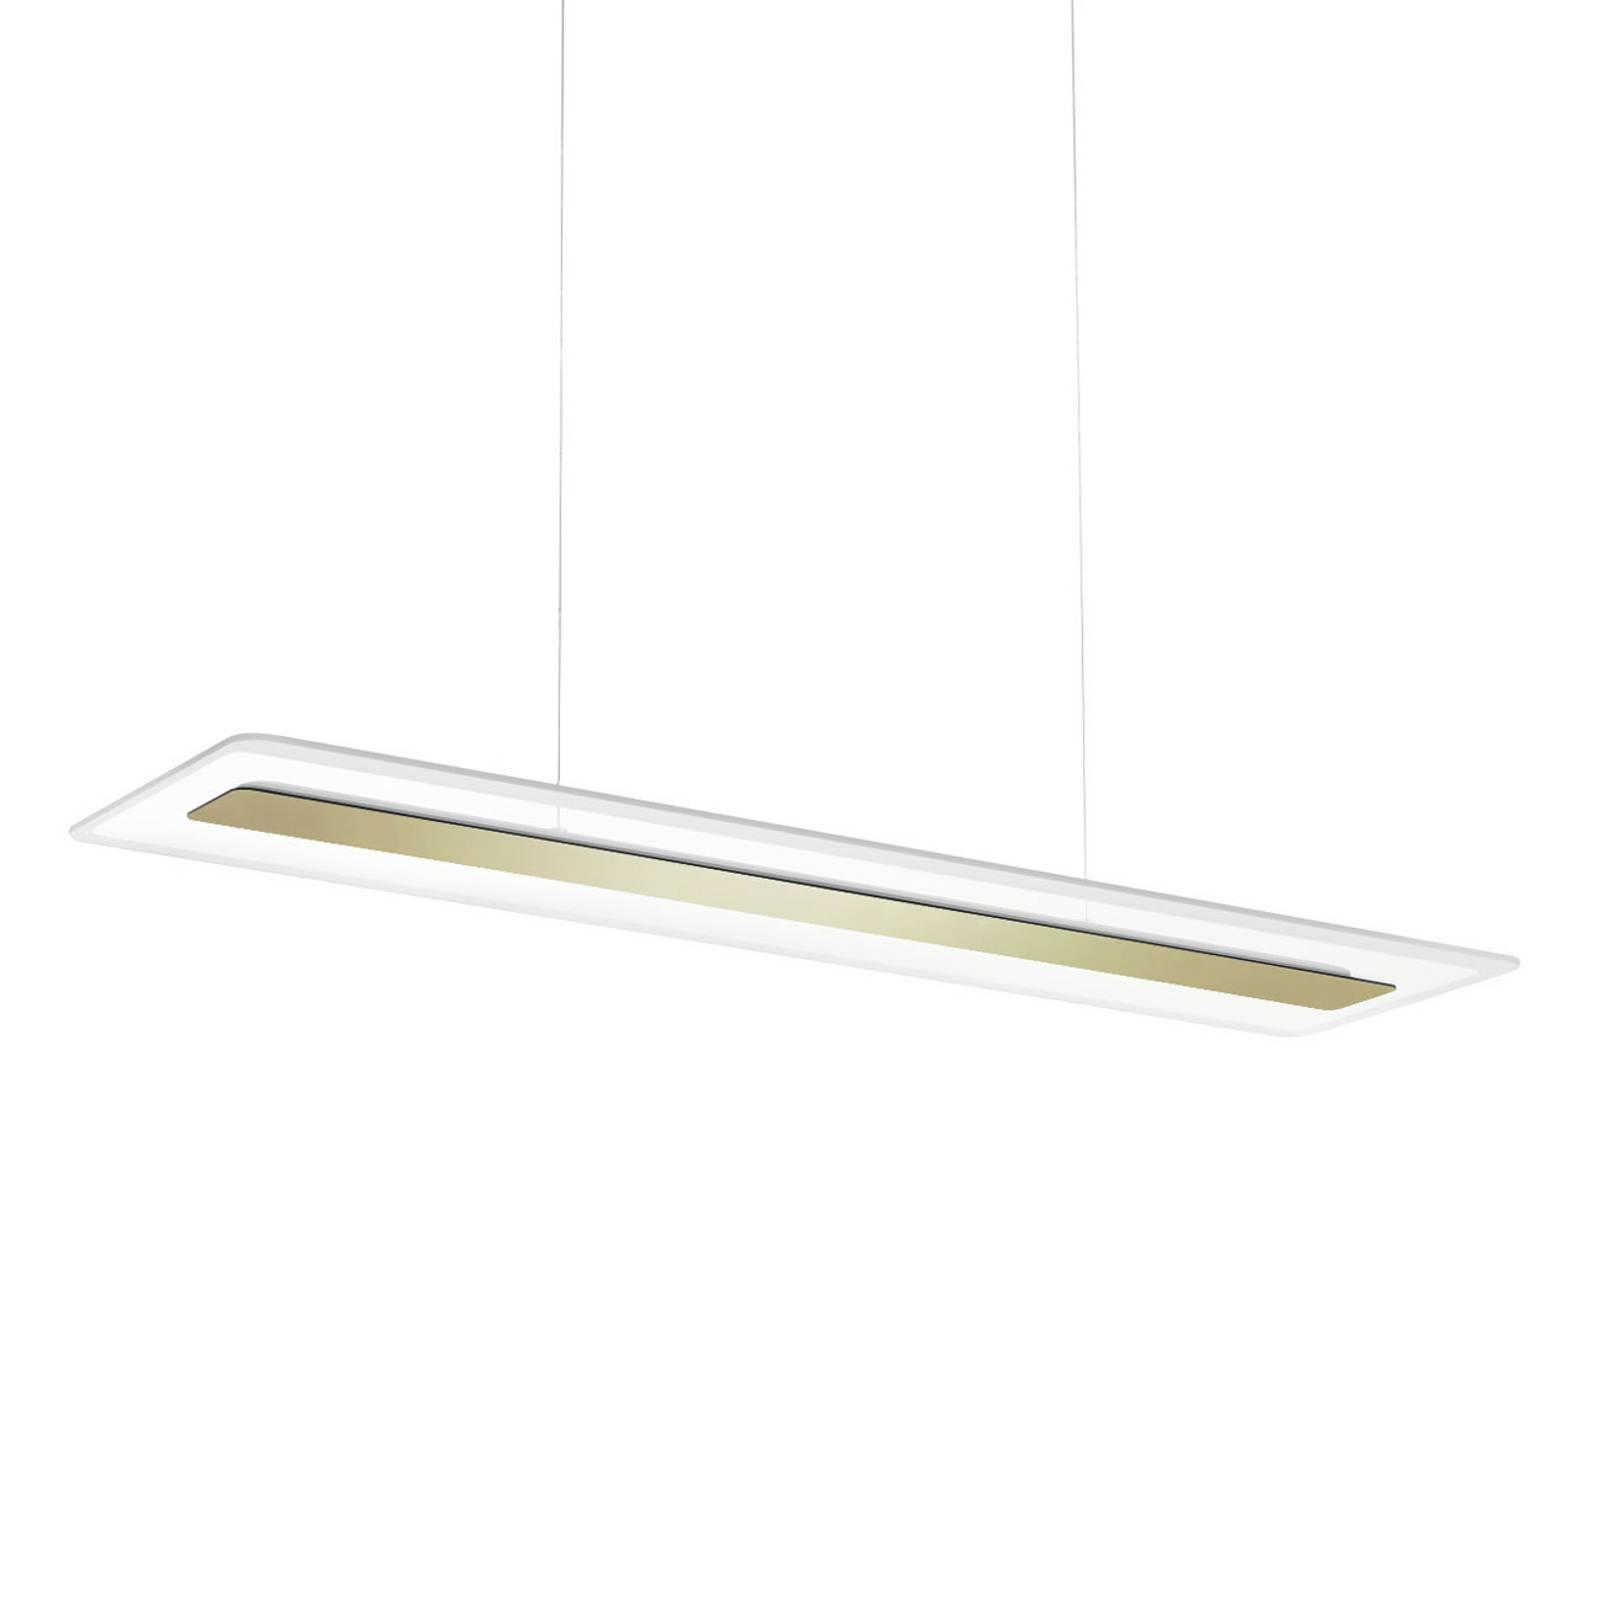 LED-riippuvalaisin Antille lasia, kulta